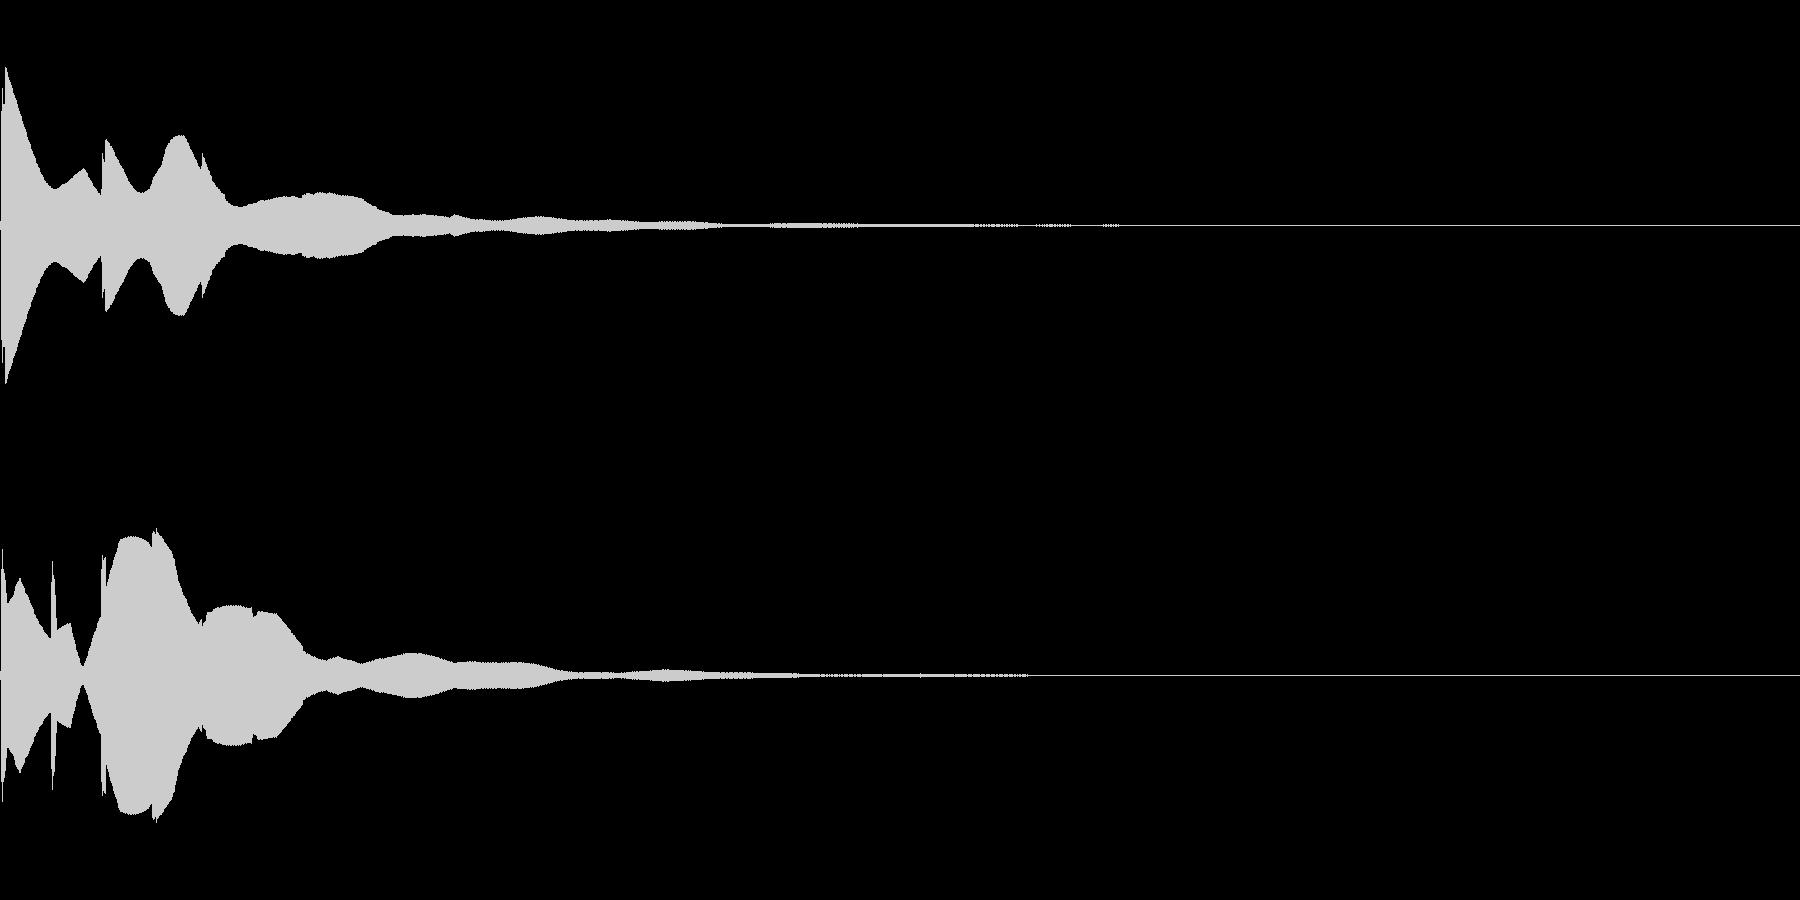 ボタン 決定 OK 反響する音 タッチの未再生の波形